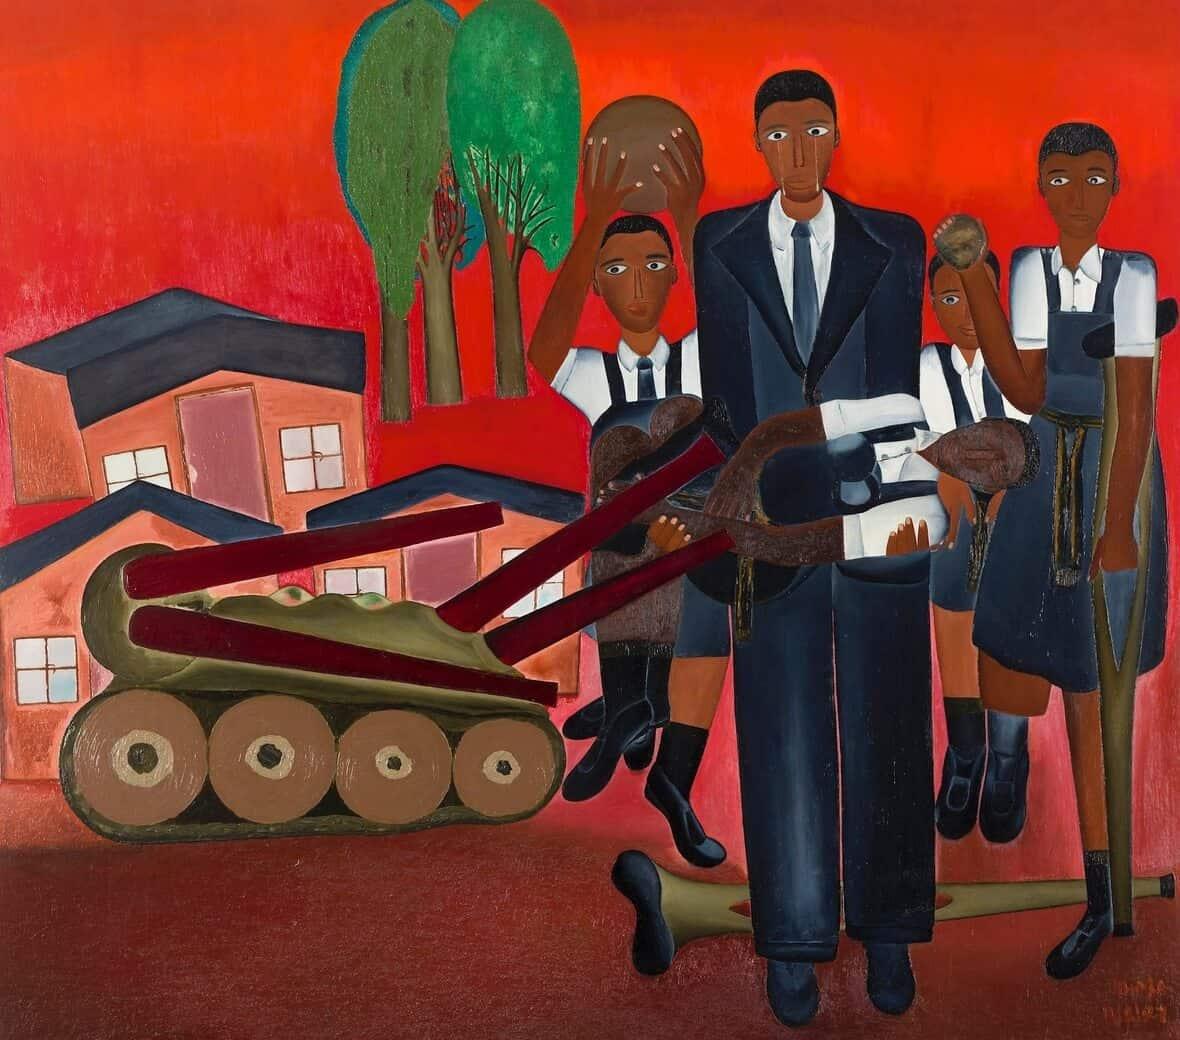 """Alfred Thoba, """"1976 Riots"""", firmato e datato 13-8-87. Immagine per gentile concessione di Kalashnikovv Gallery e FNB Art Joburg."""